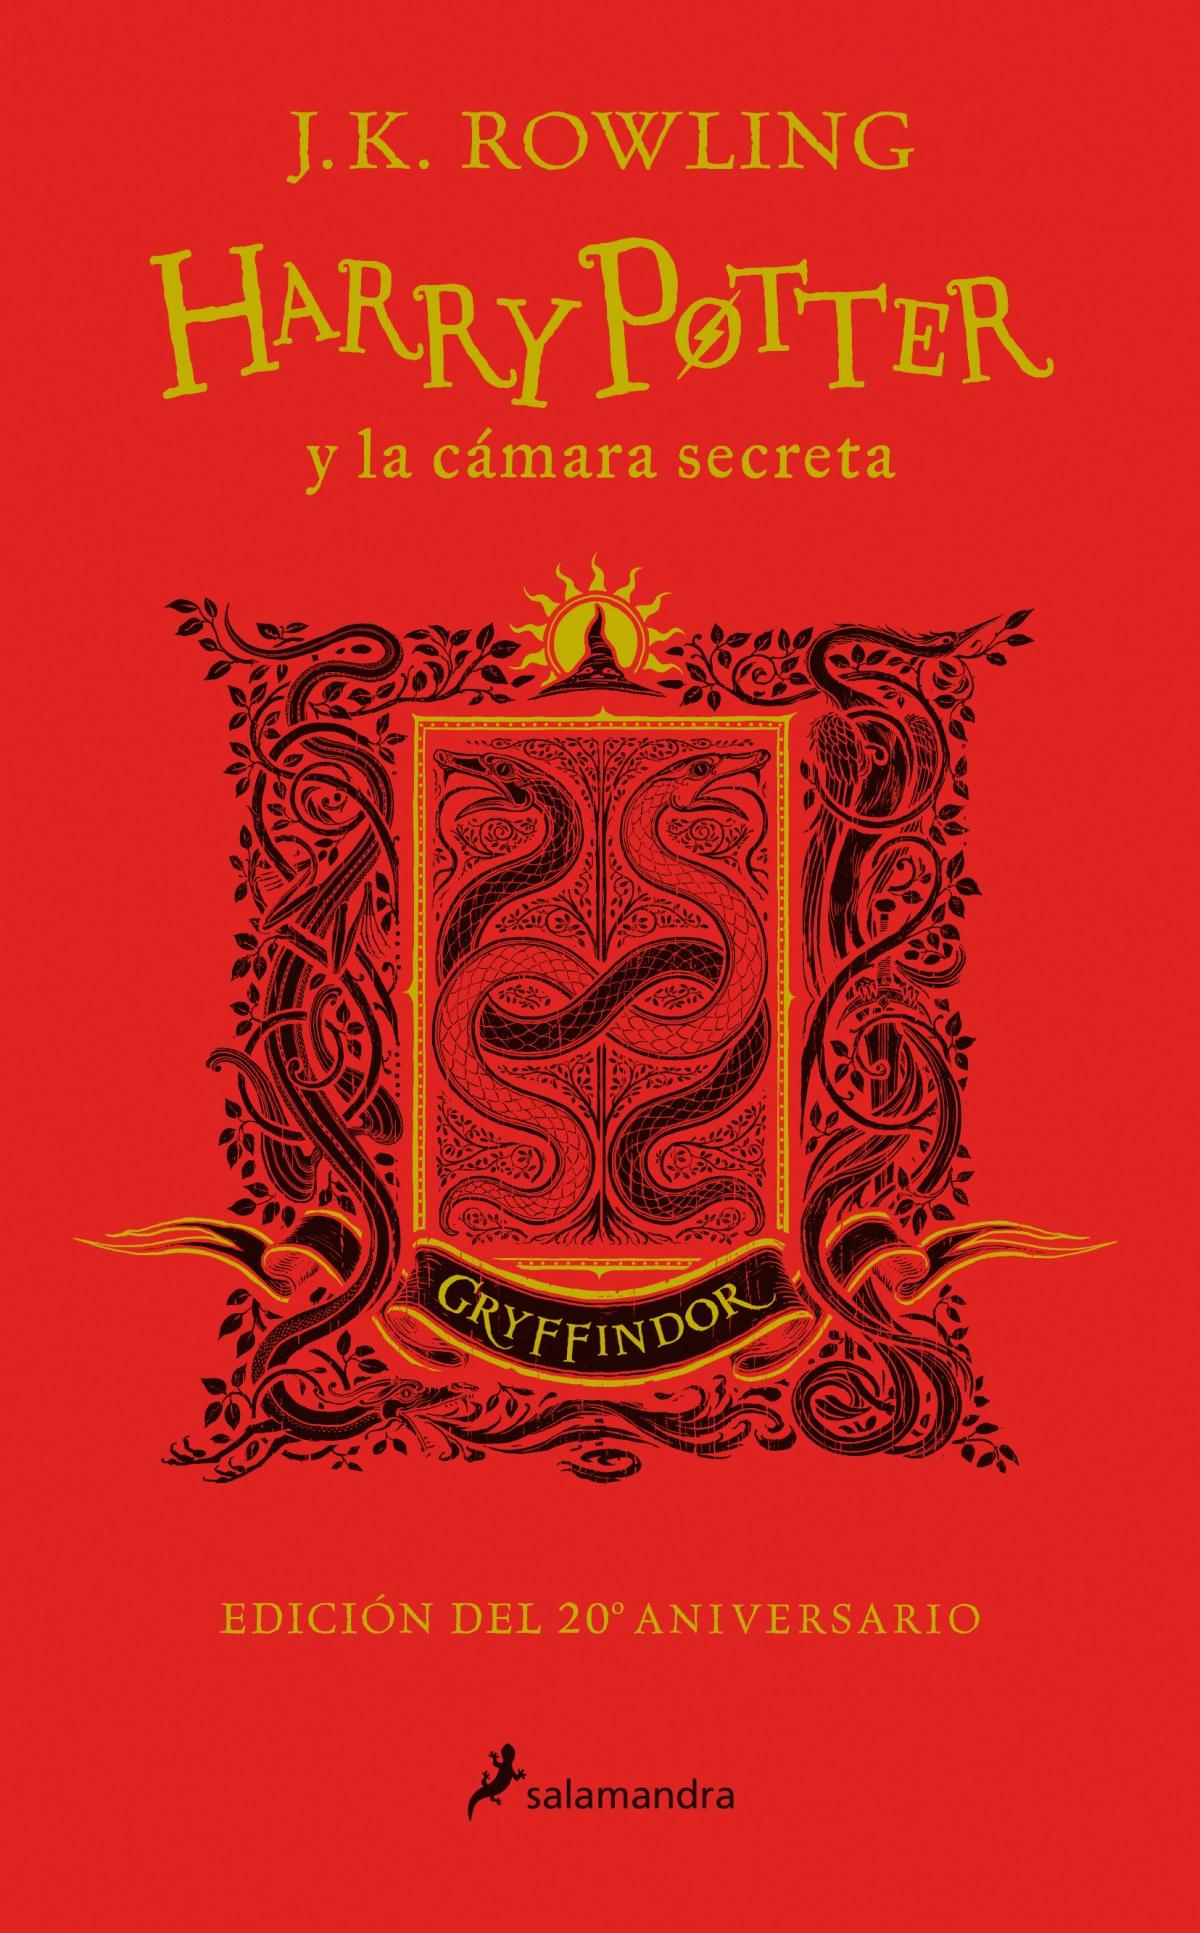 HARRY POTTER Y LA CÁMARA SECRETA. GRYFFINDOR 9788498389715